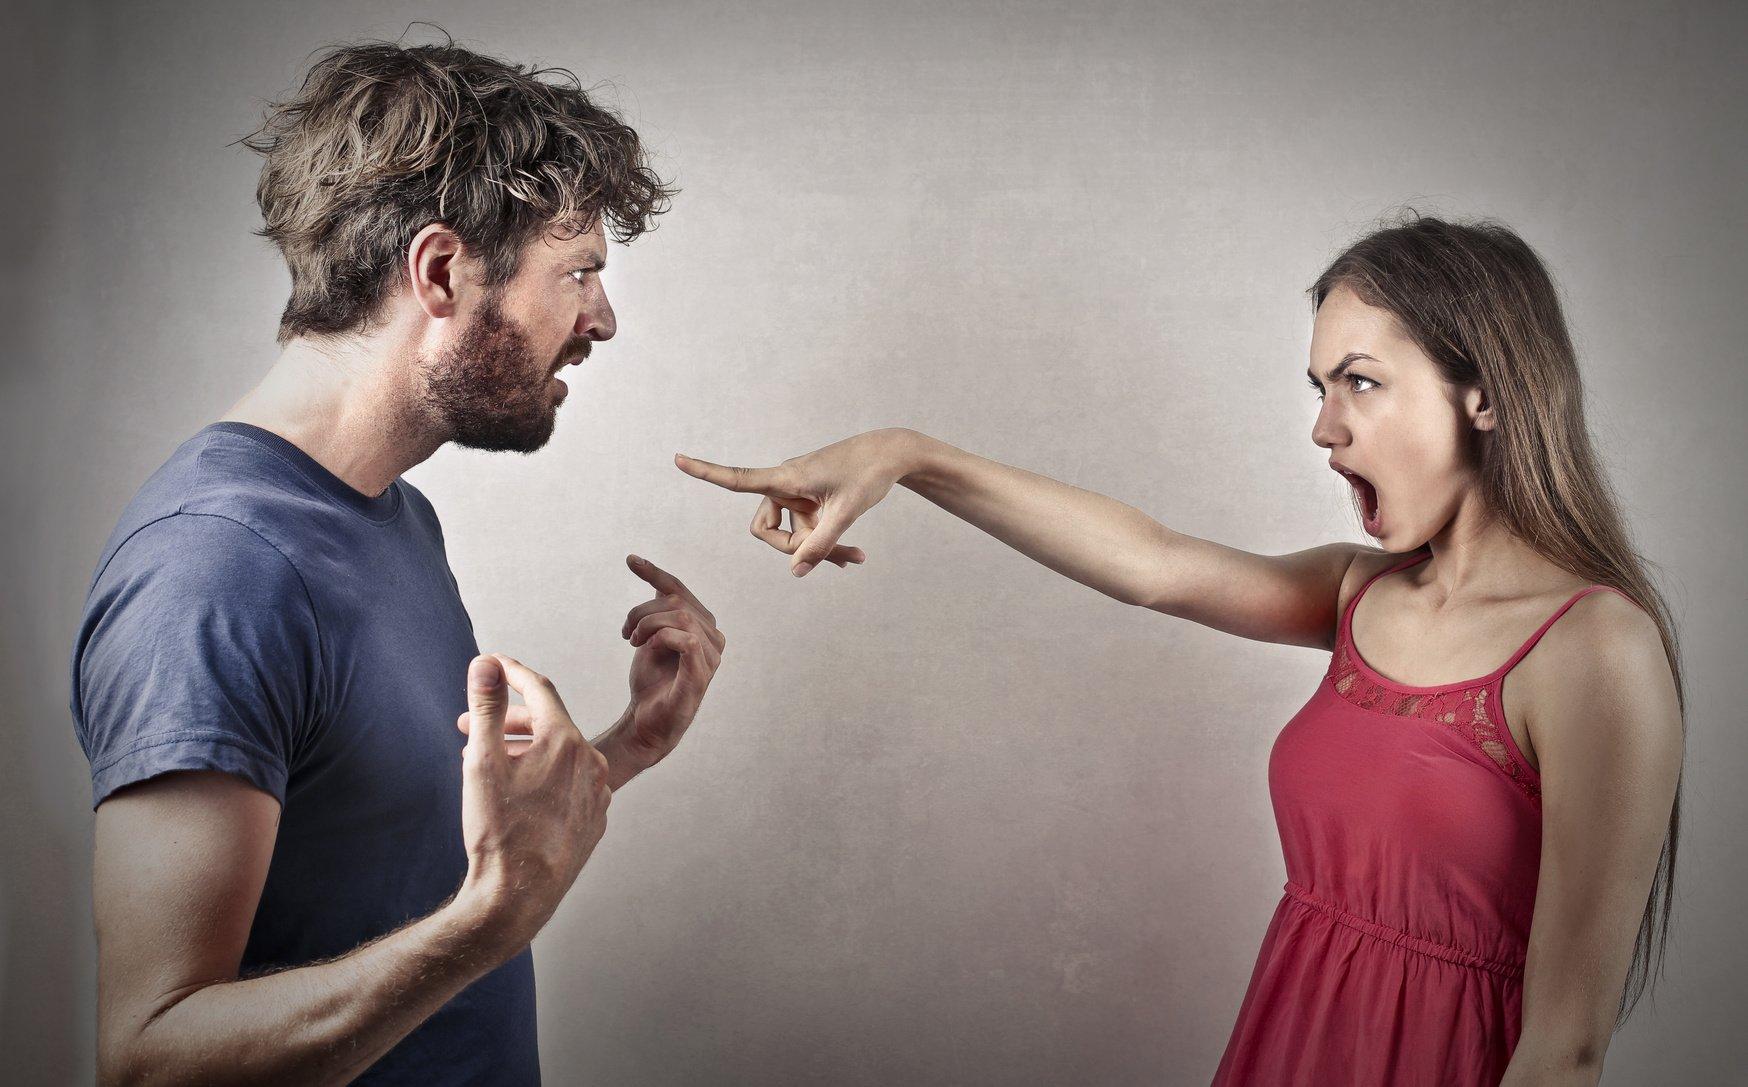 Невербальная агрессия несет в себе угрозу для жизни, так как в запале индивид может начать драться